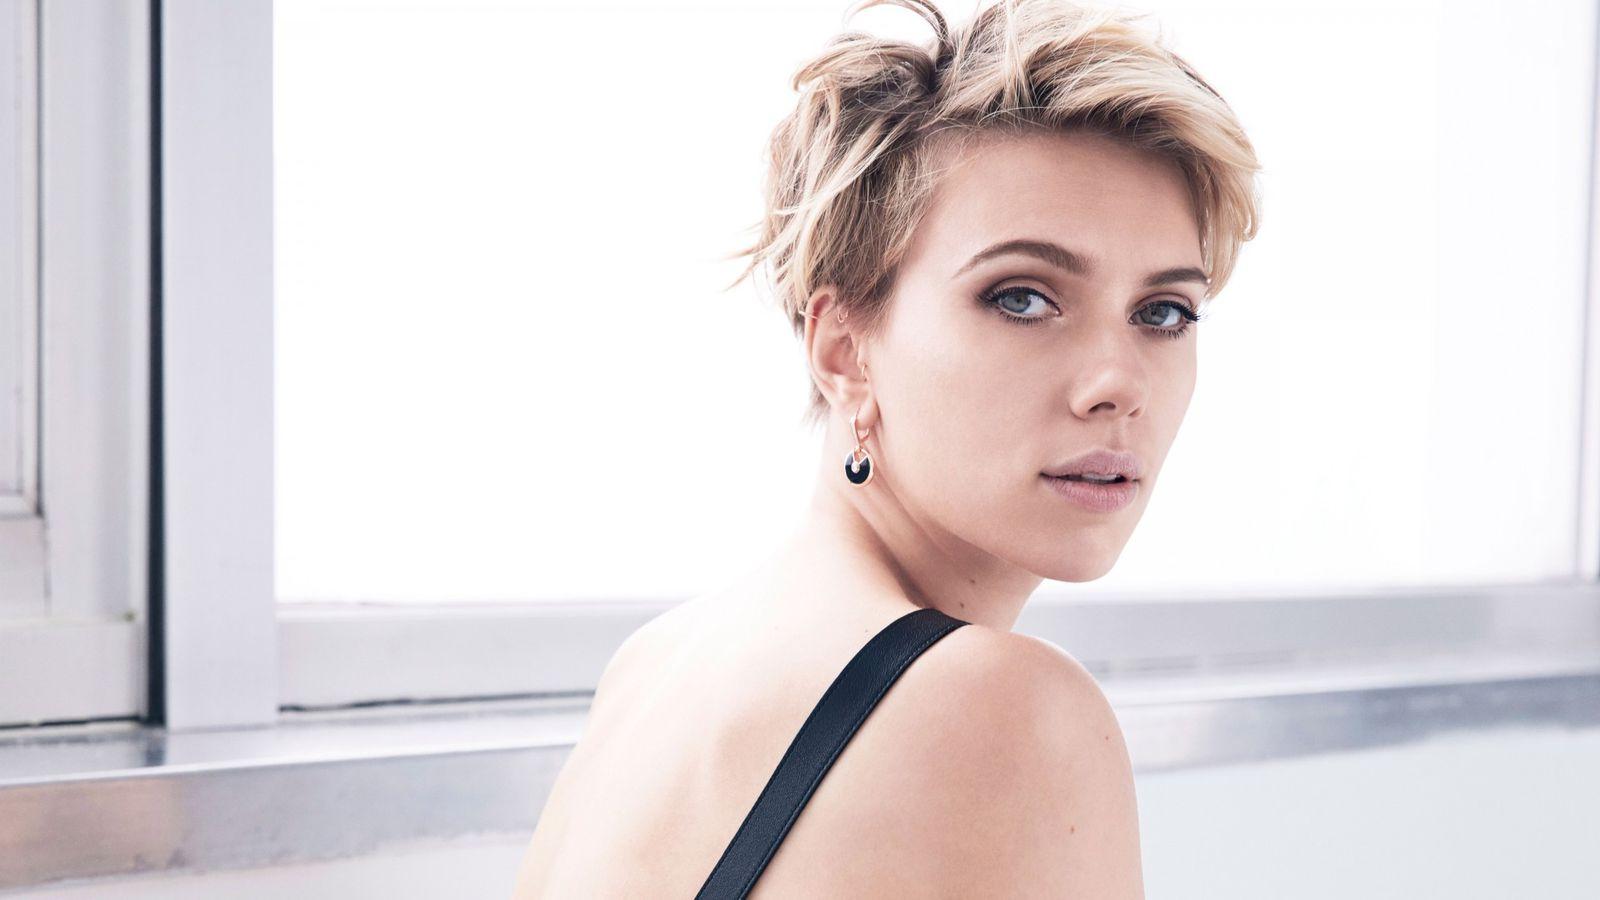 Scarlett Johansson Short Hairstyle White Background Wallpaper With Regard To Scarlett Johansson Short Hairstyles (View 23 of 25)